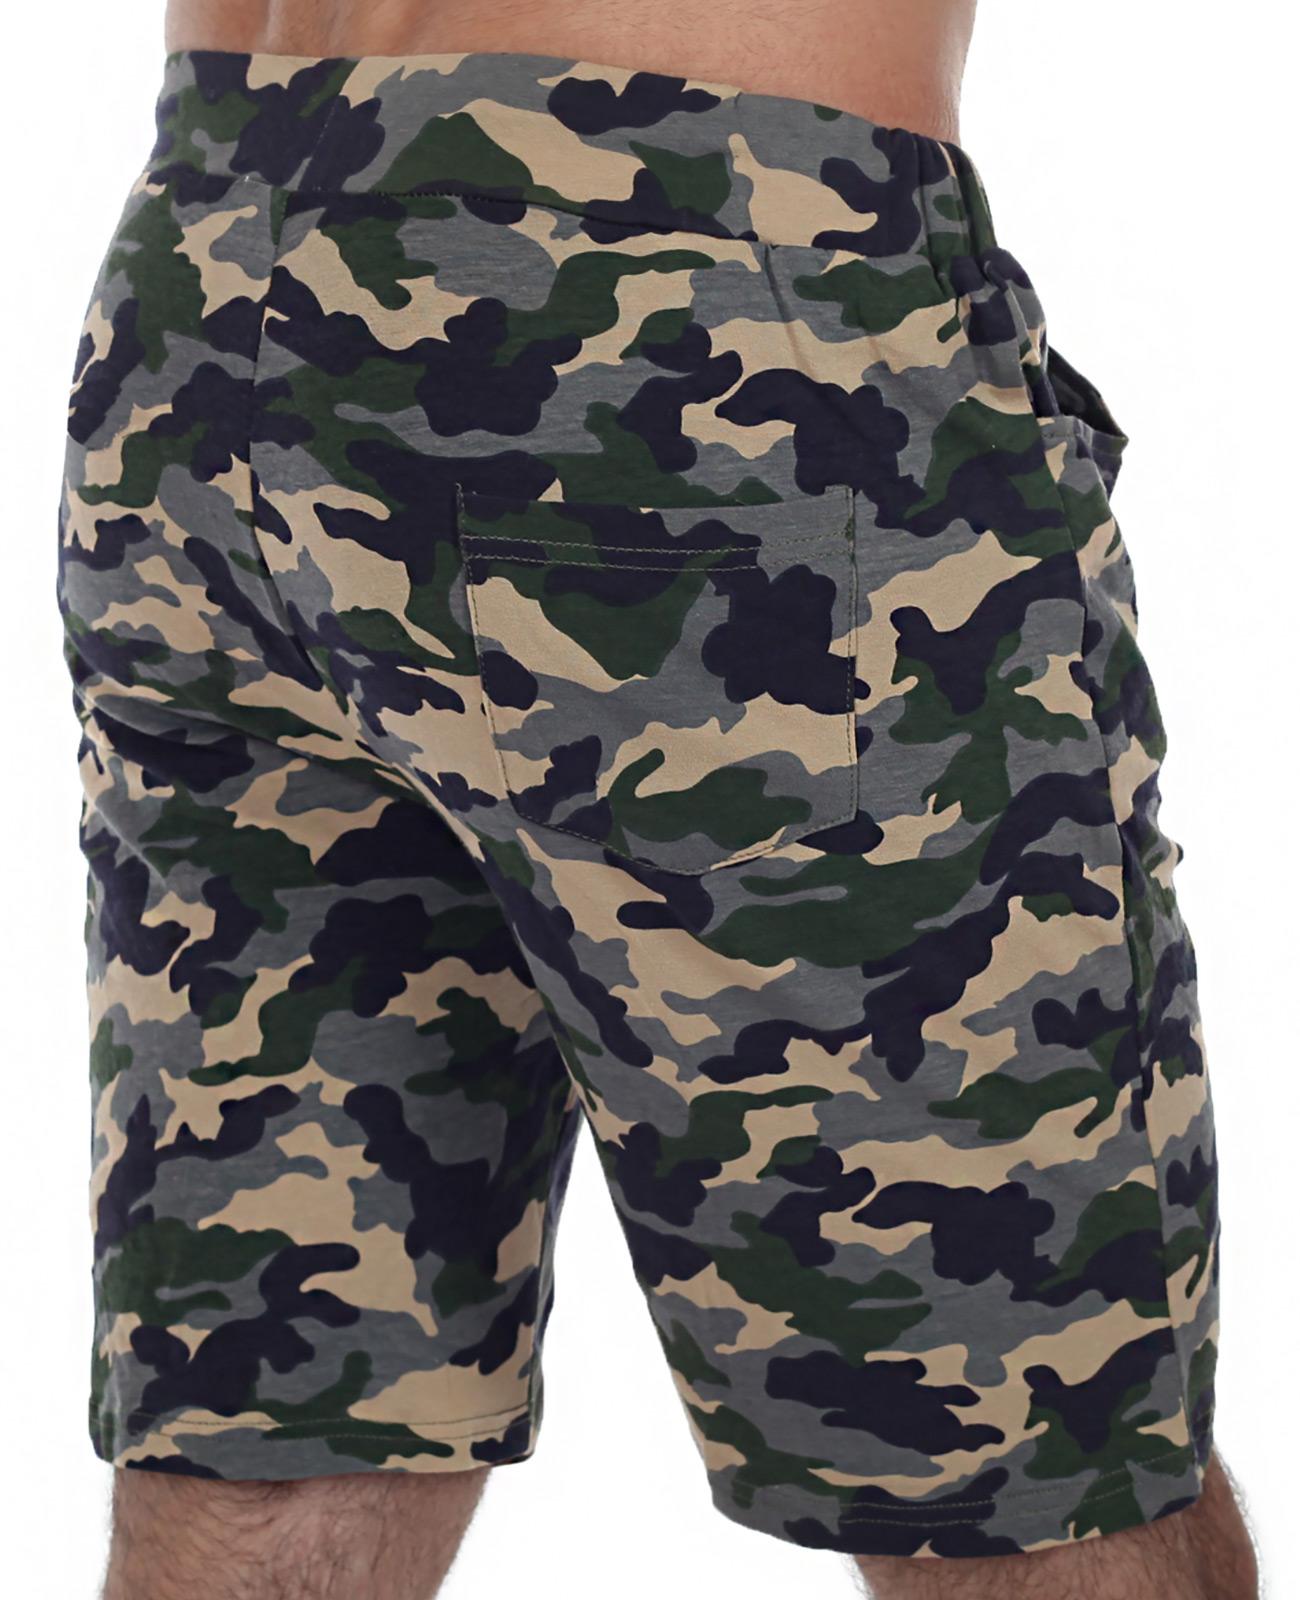 Купить в военторге недорогие мужские шорты